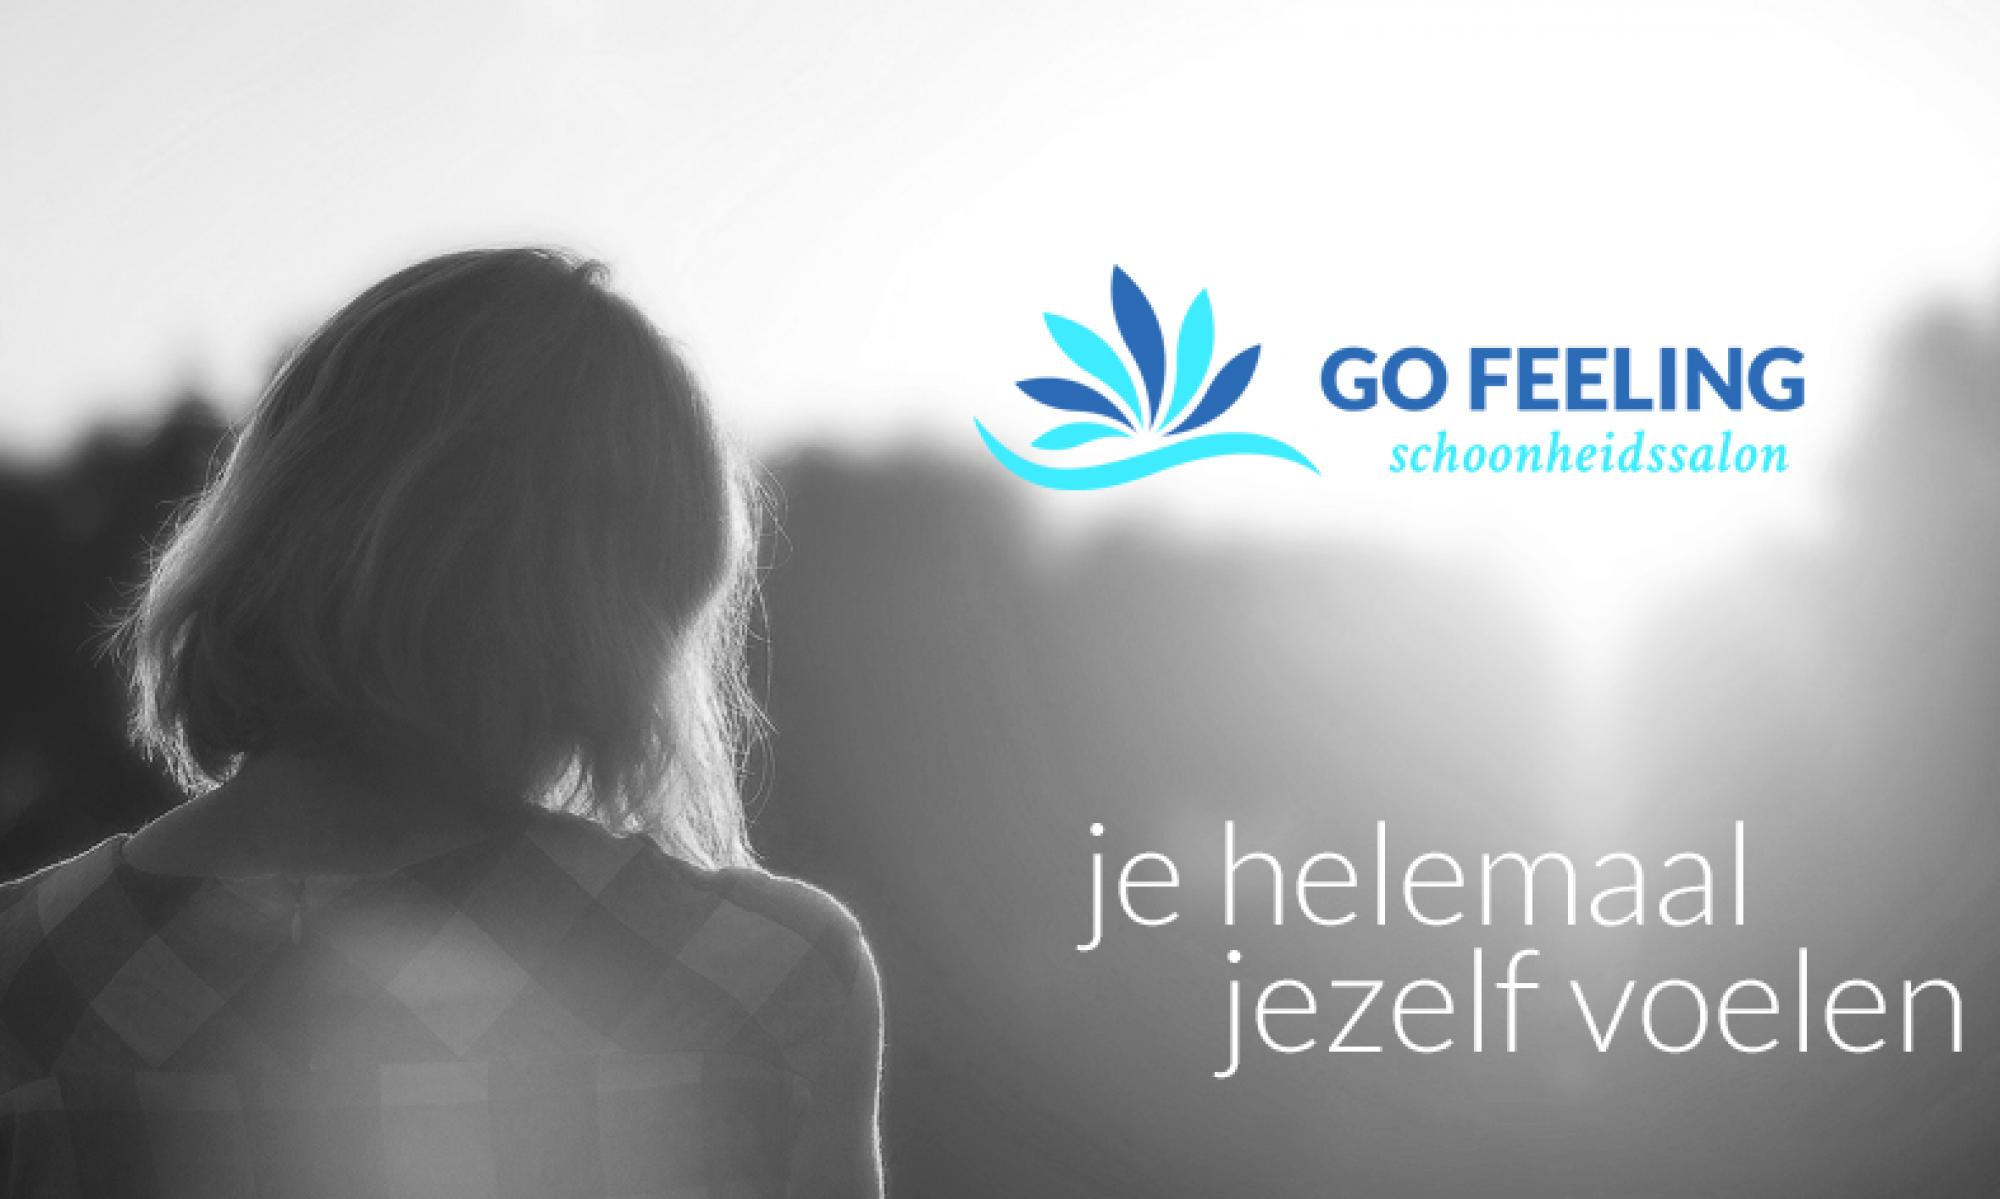 Go Feeling